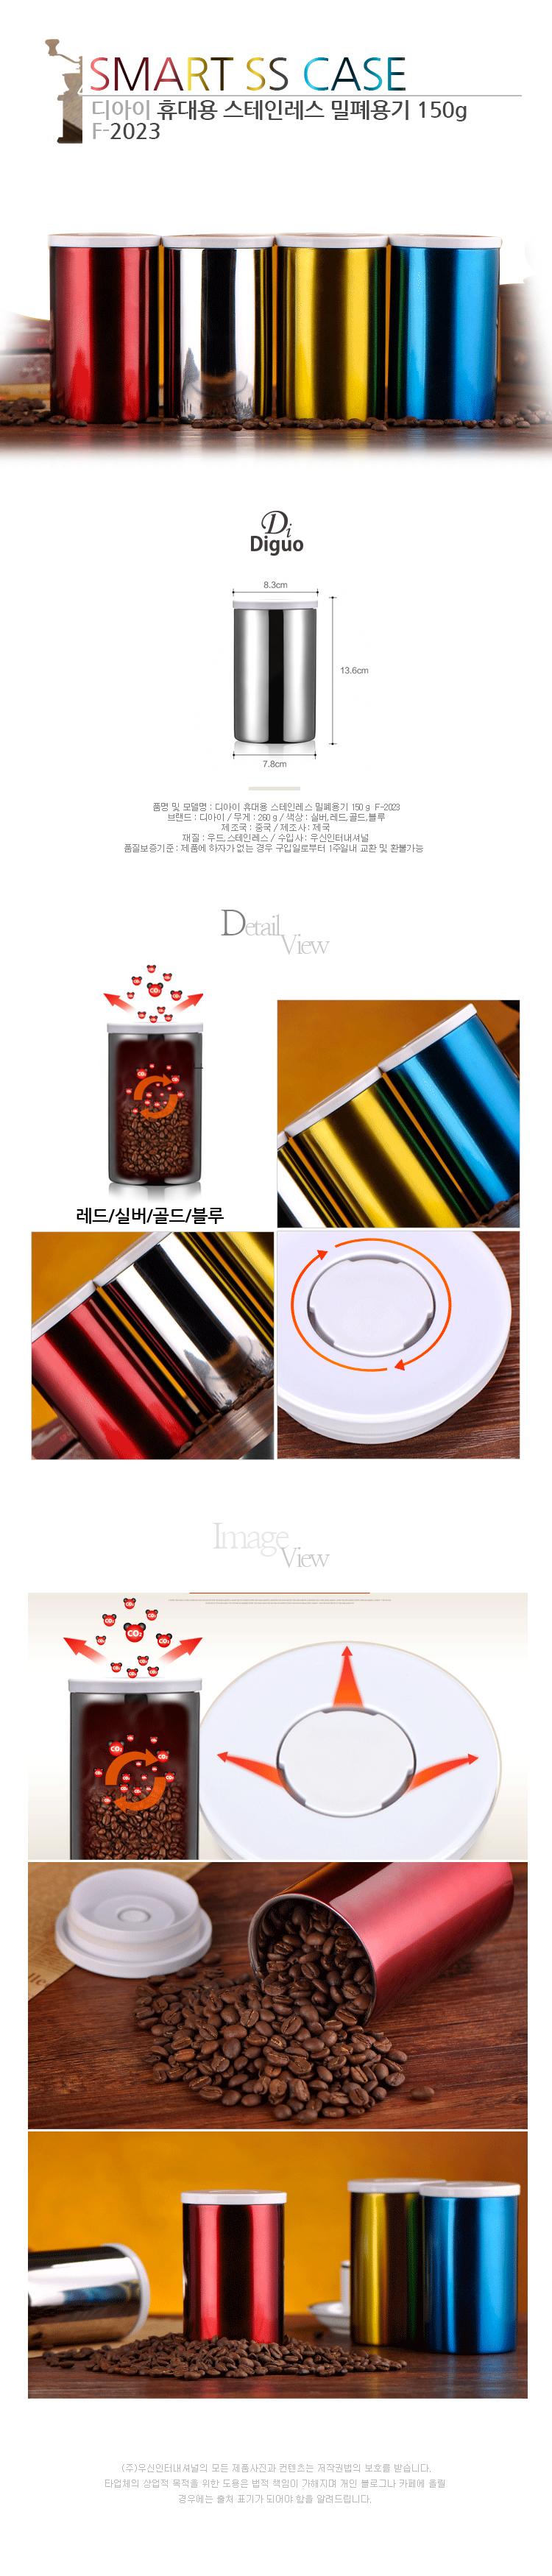 디아이 휴대용 밀폐용기 150g F-2023 실버 - 커피올데이, 21,900원, 커피 용품, 핸드 드립/용품